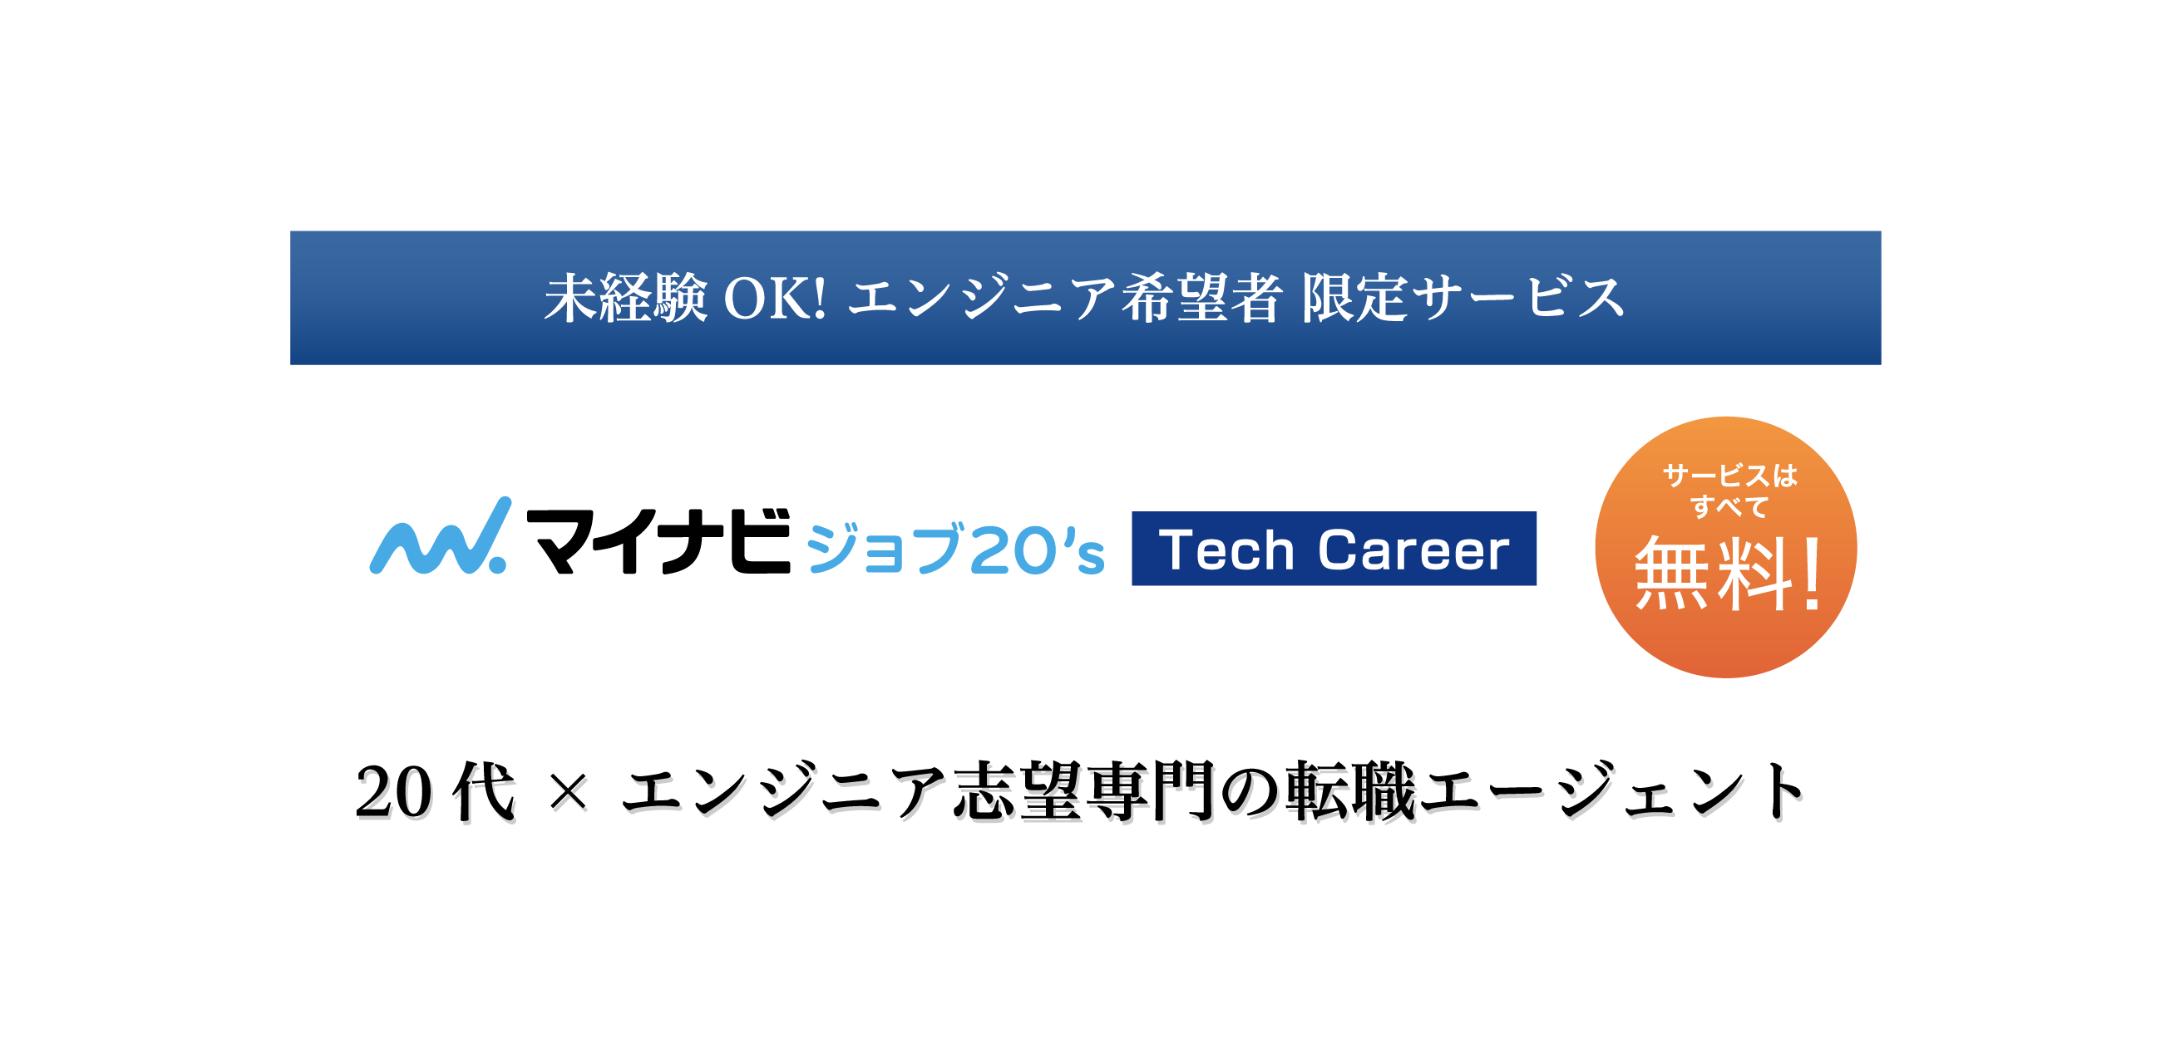 IT転職エージェント マイナビジョブ20's Tech Career(テックキャリア)